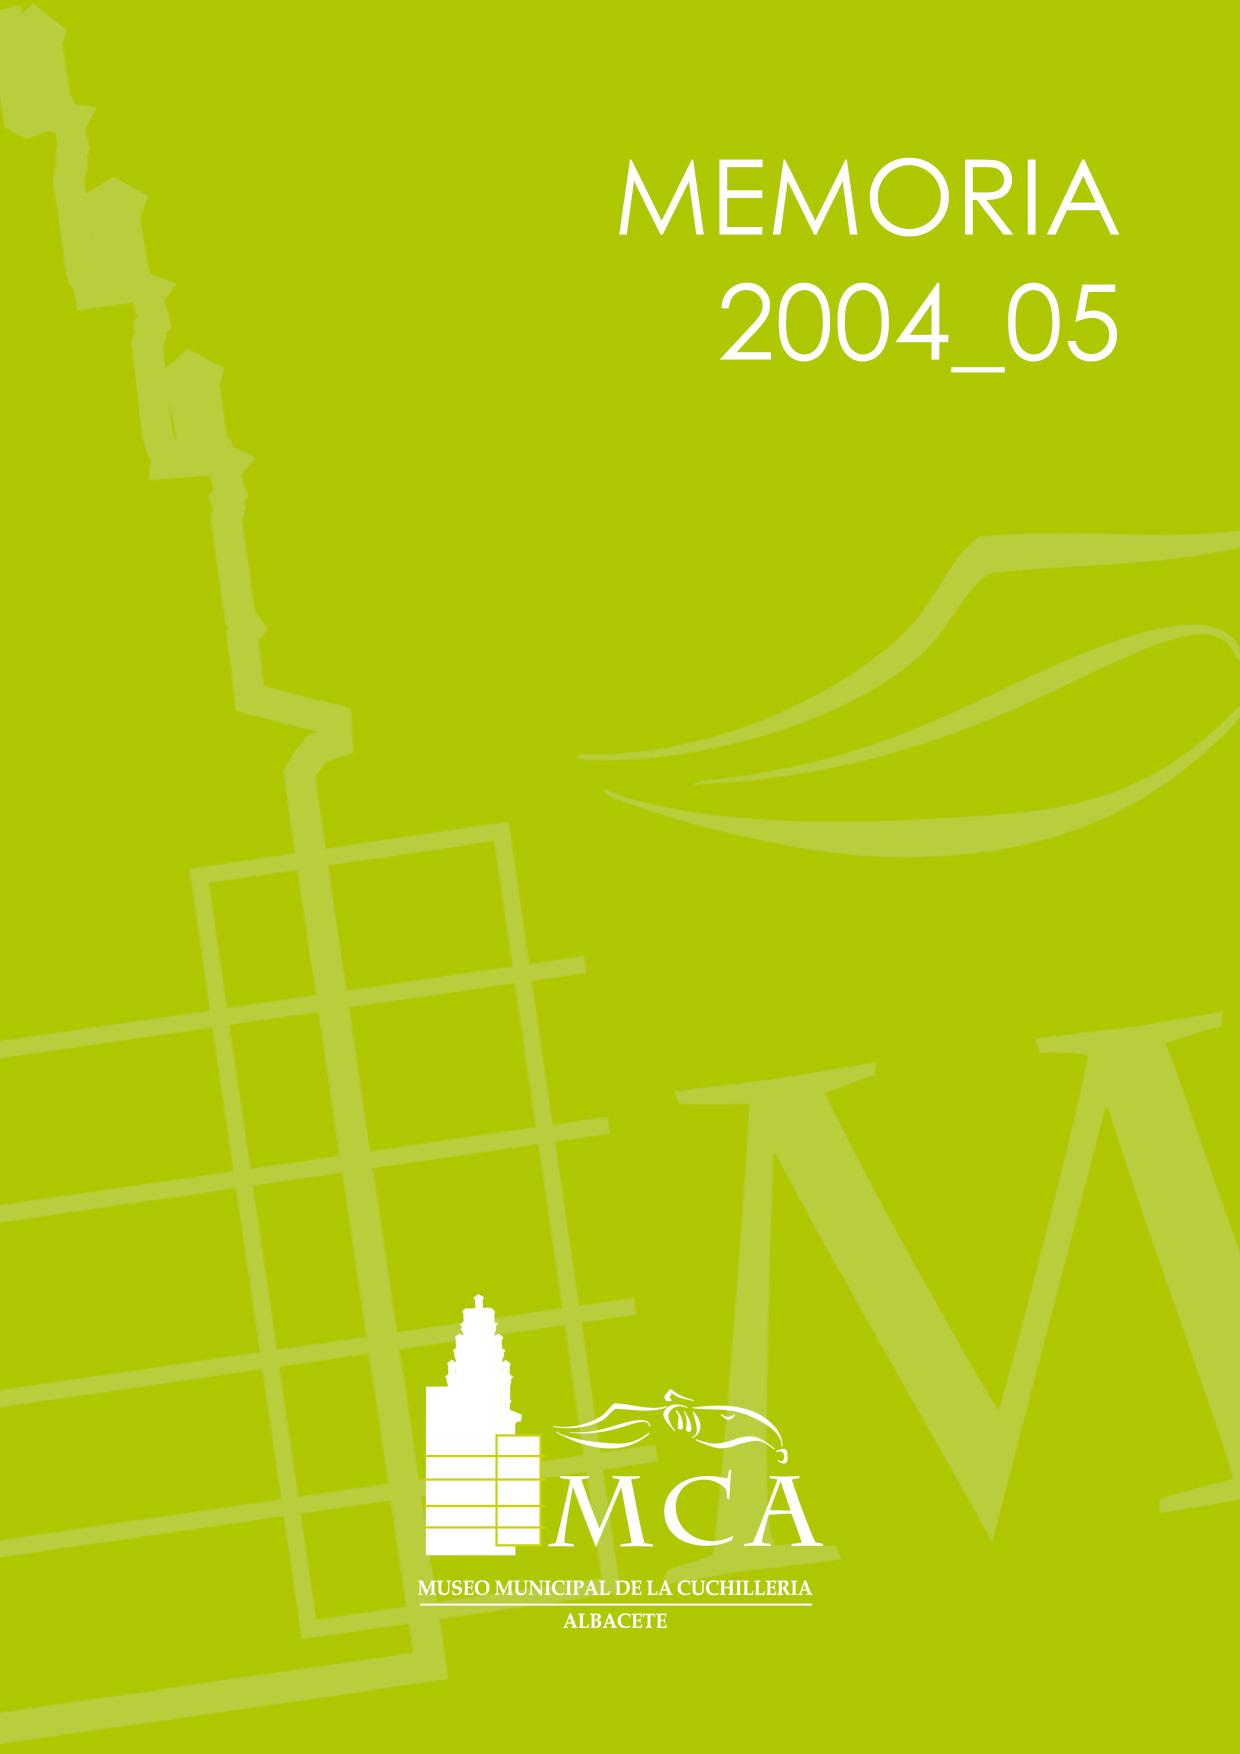 Memoria 2004/05